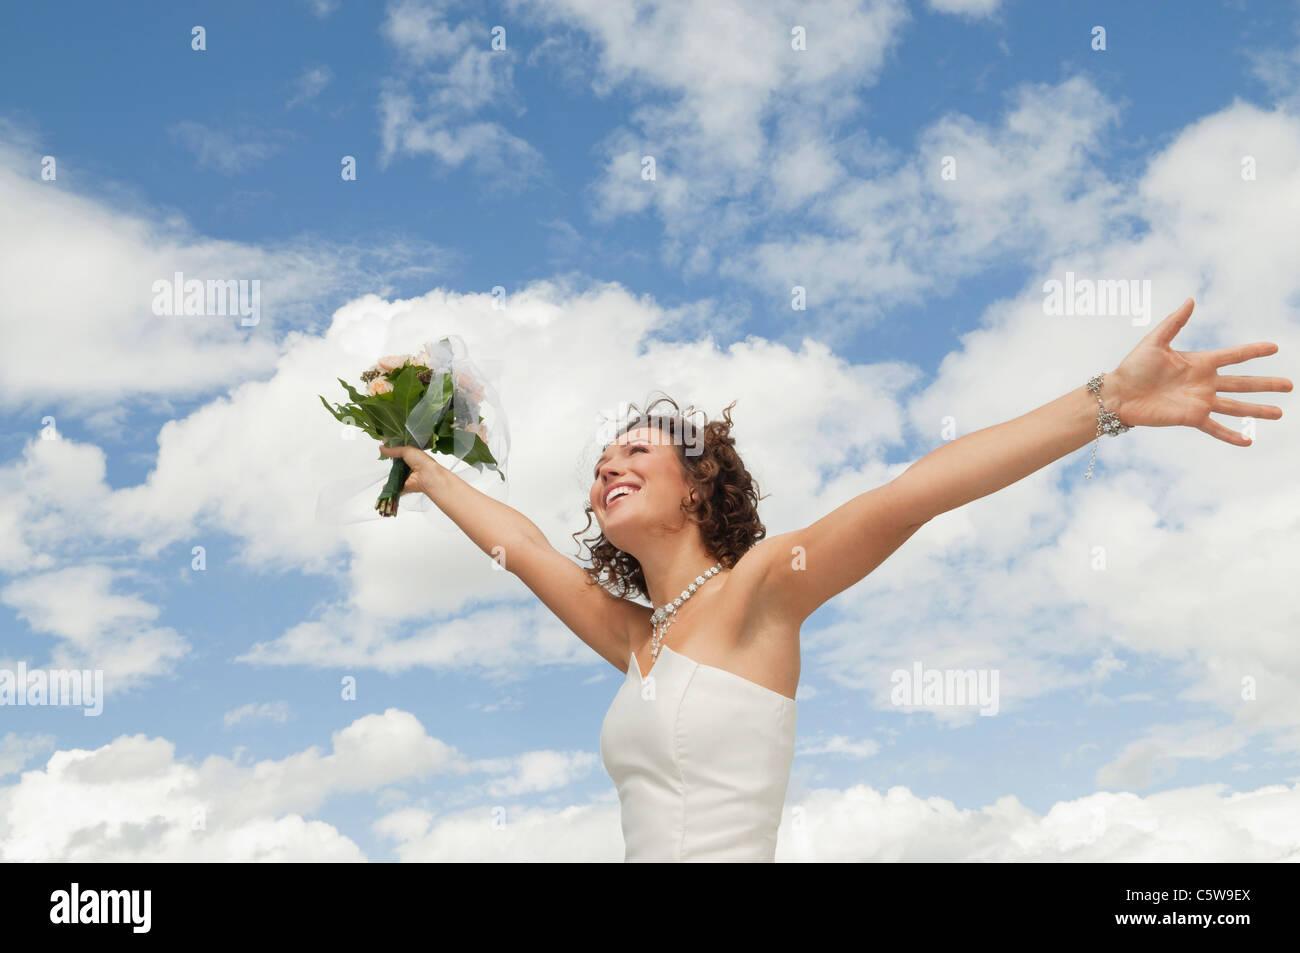 Allemagne, Bavière, Smiling Bride with bouquet et bras outstreched , l'extérieur Photo Stock